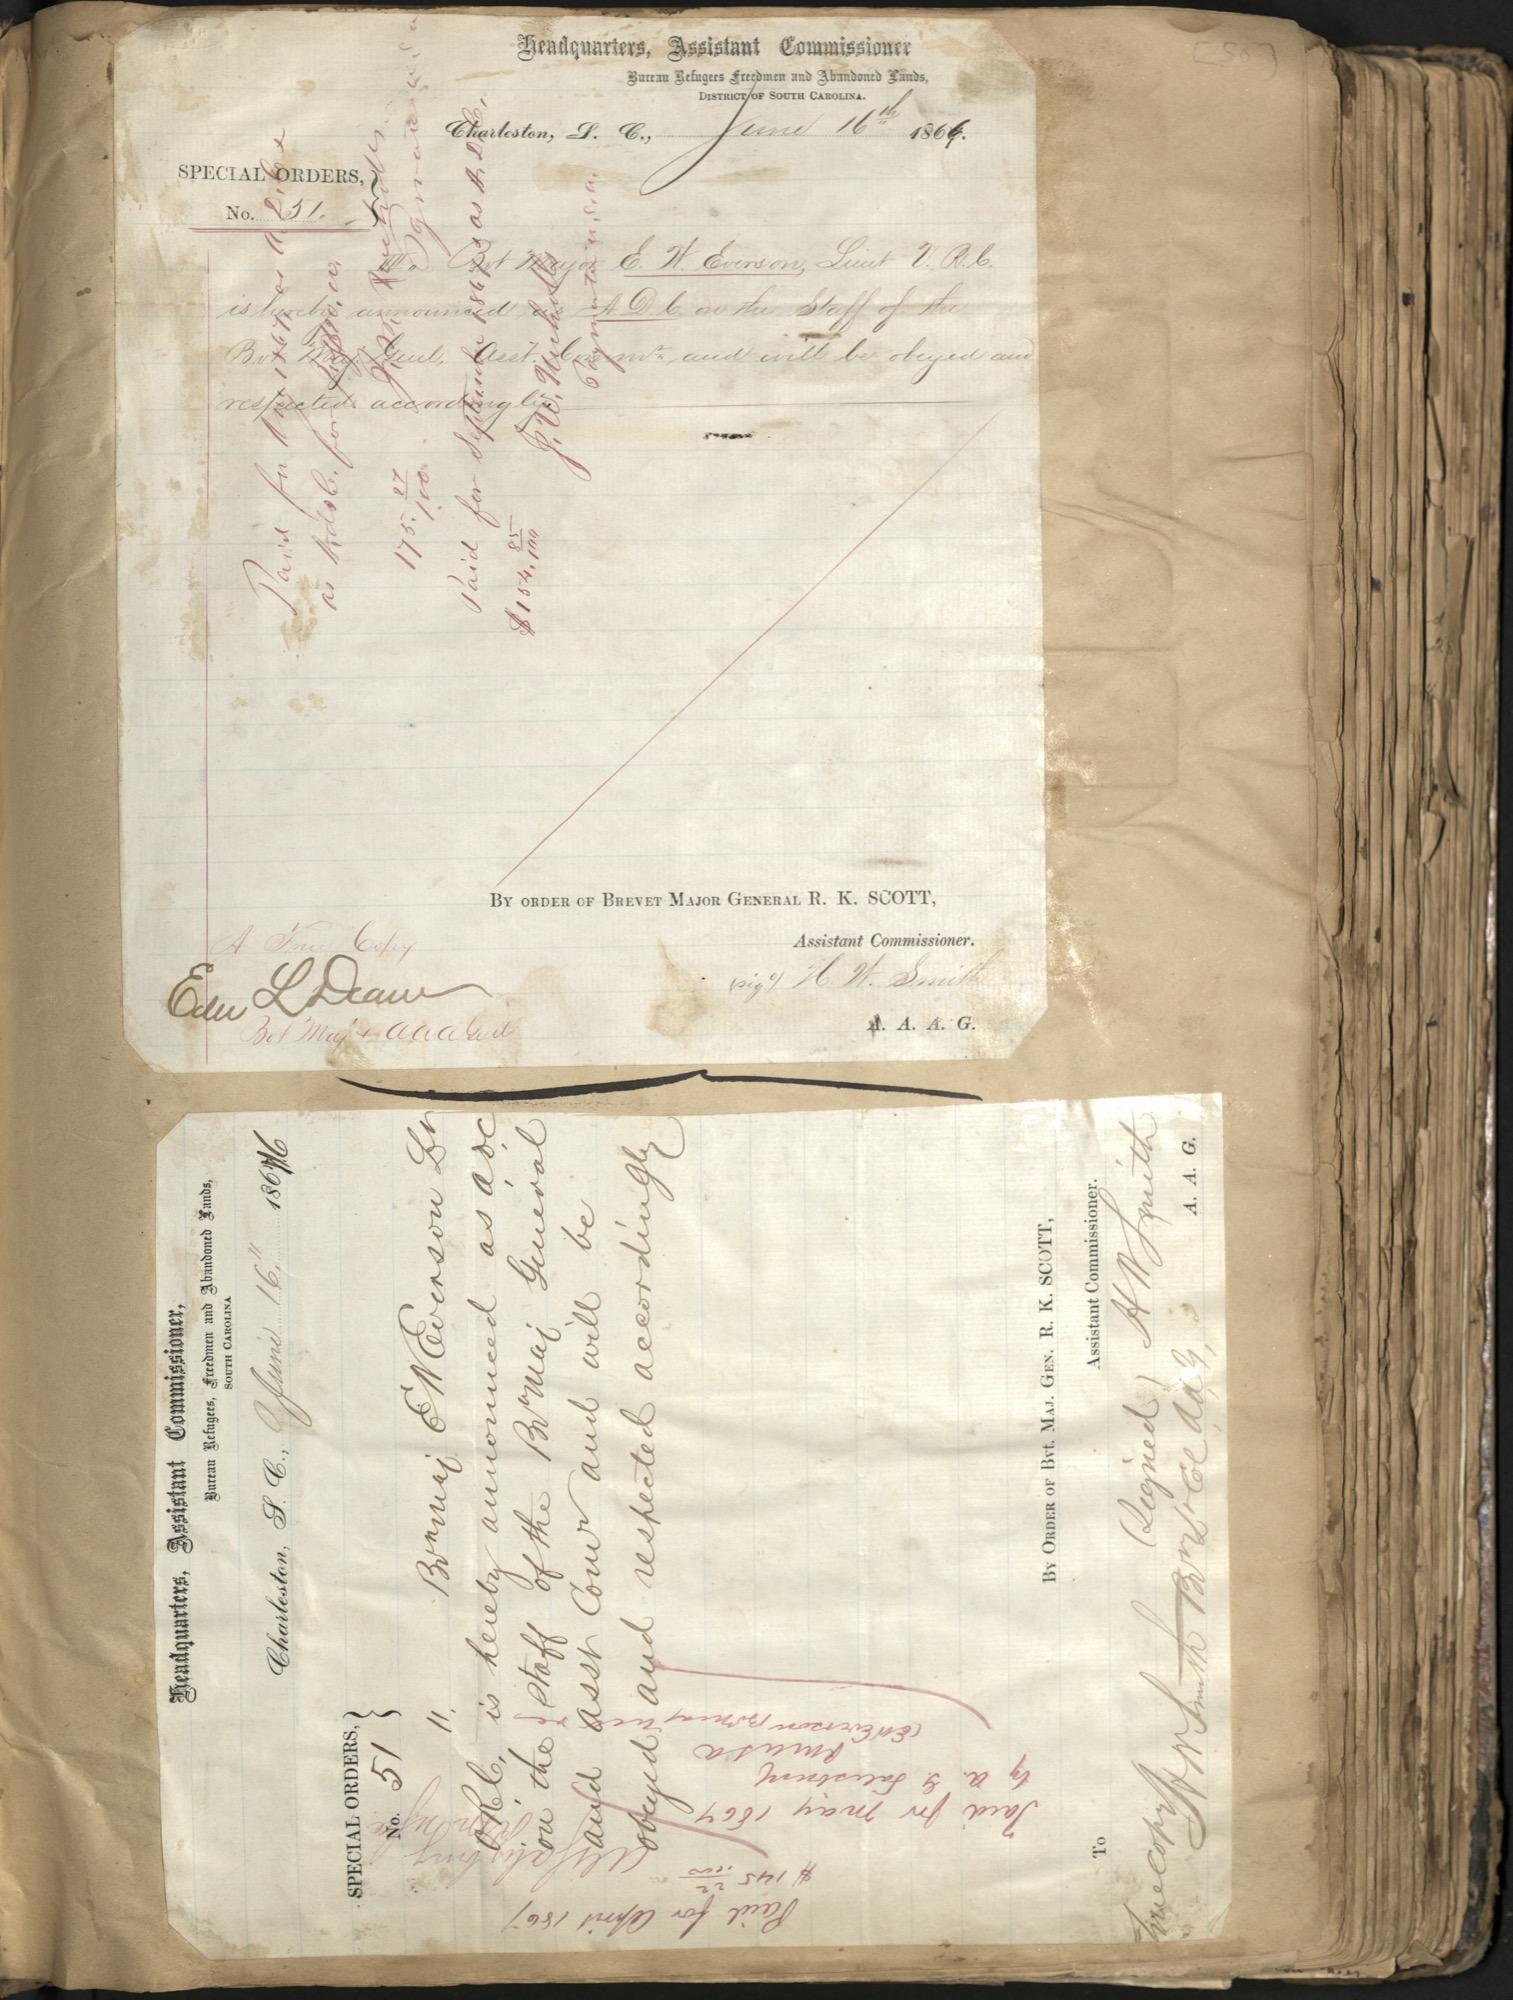 Erastus Everson Diary 1861-1893, page 49